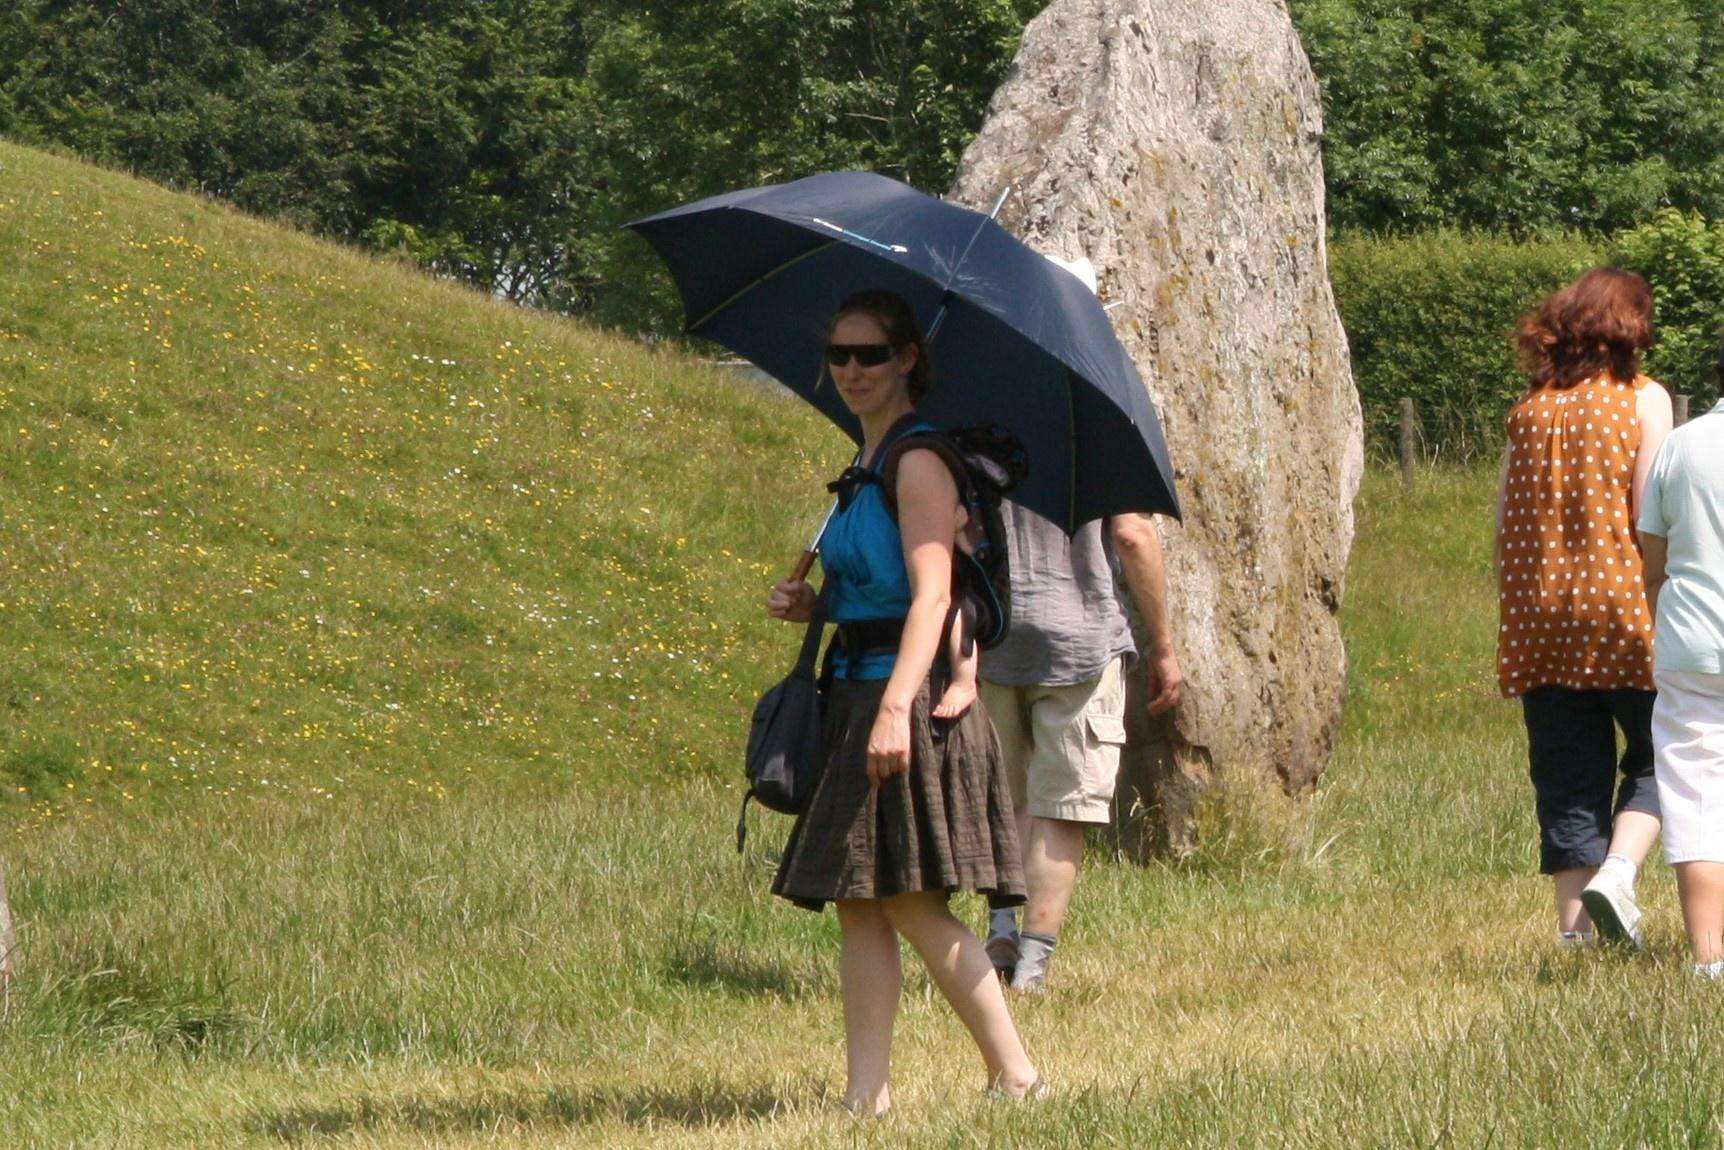 vrouw met baby in draagzak onder paraplu